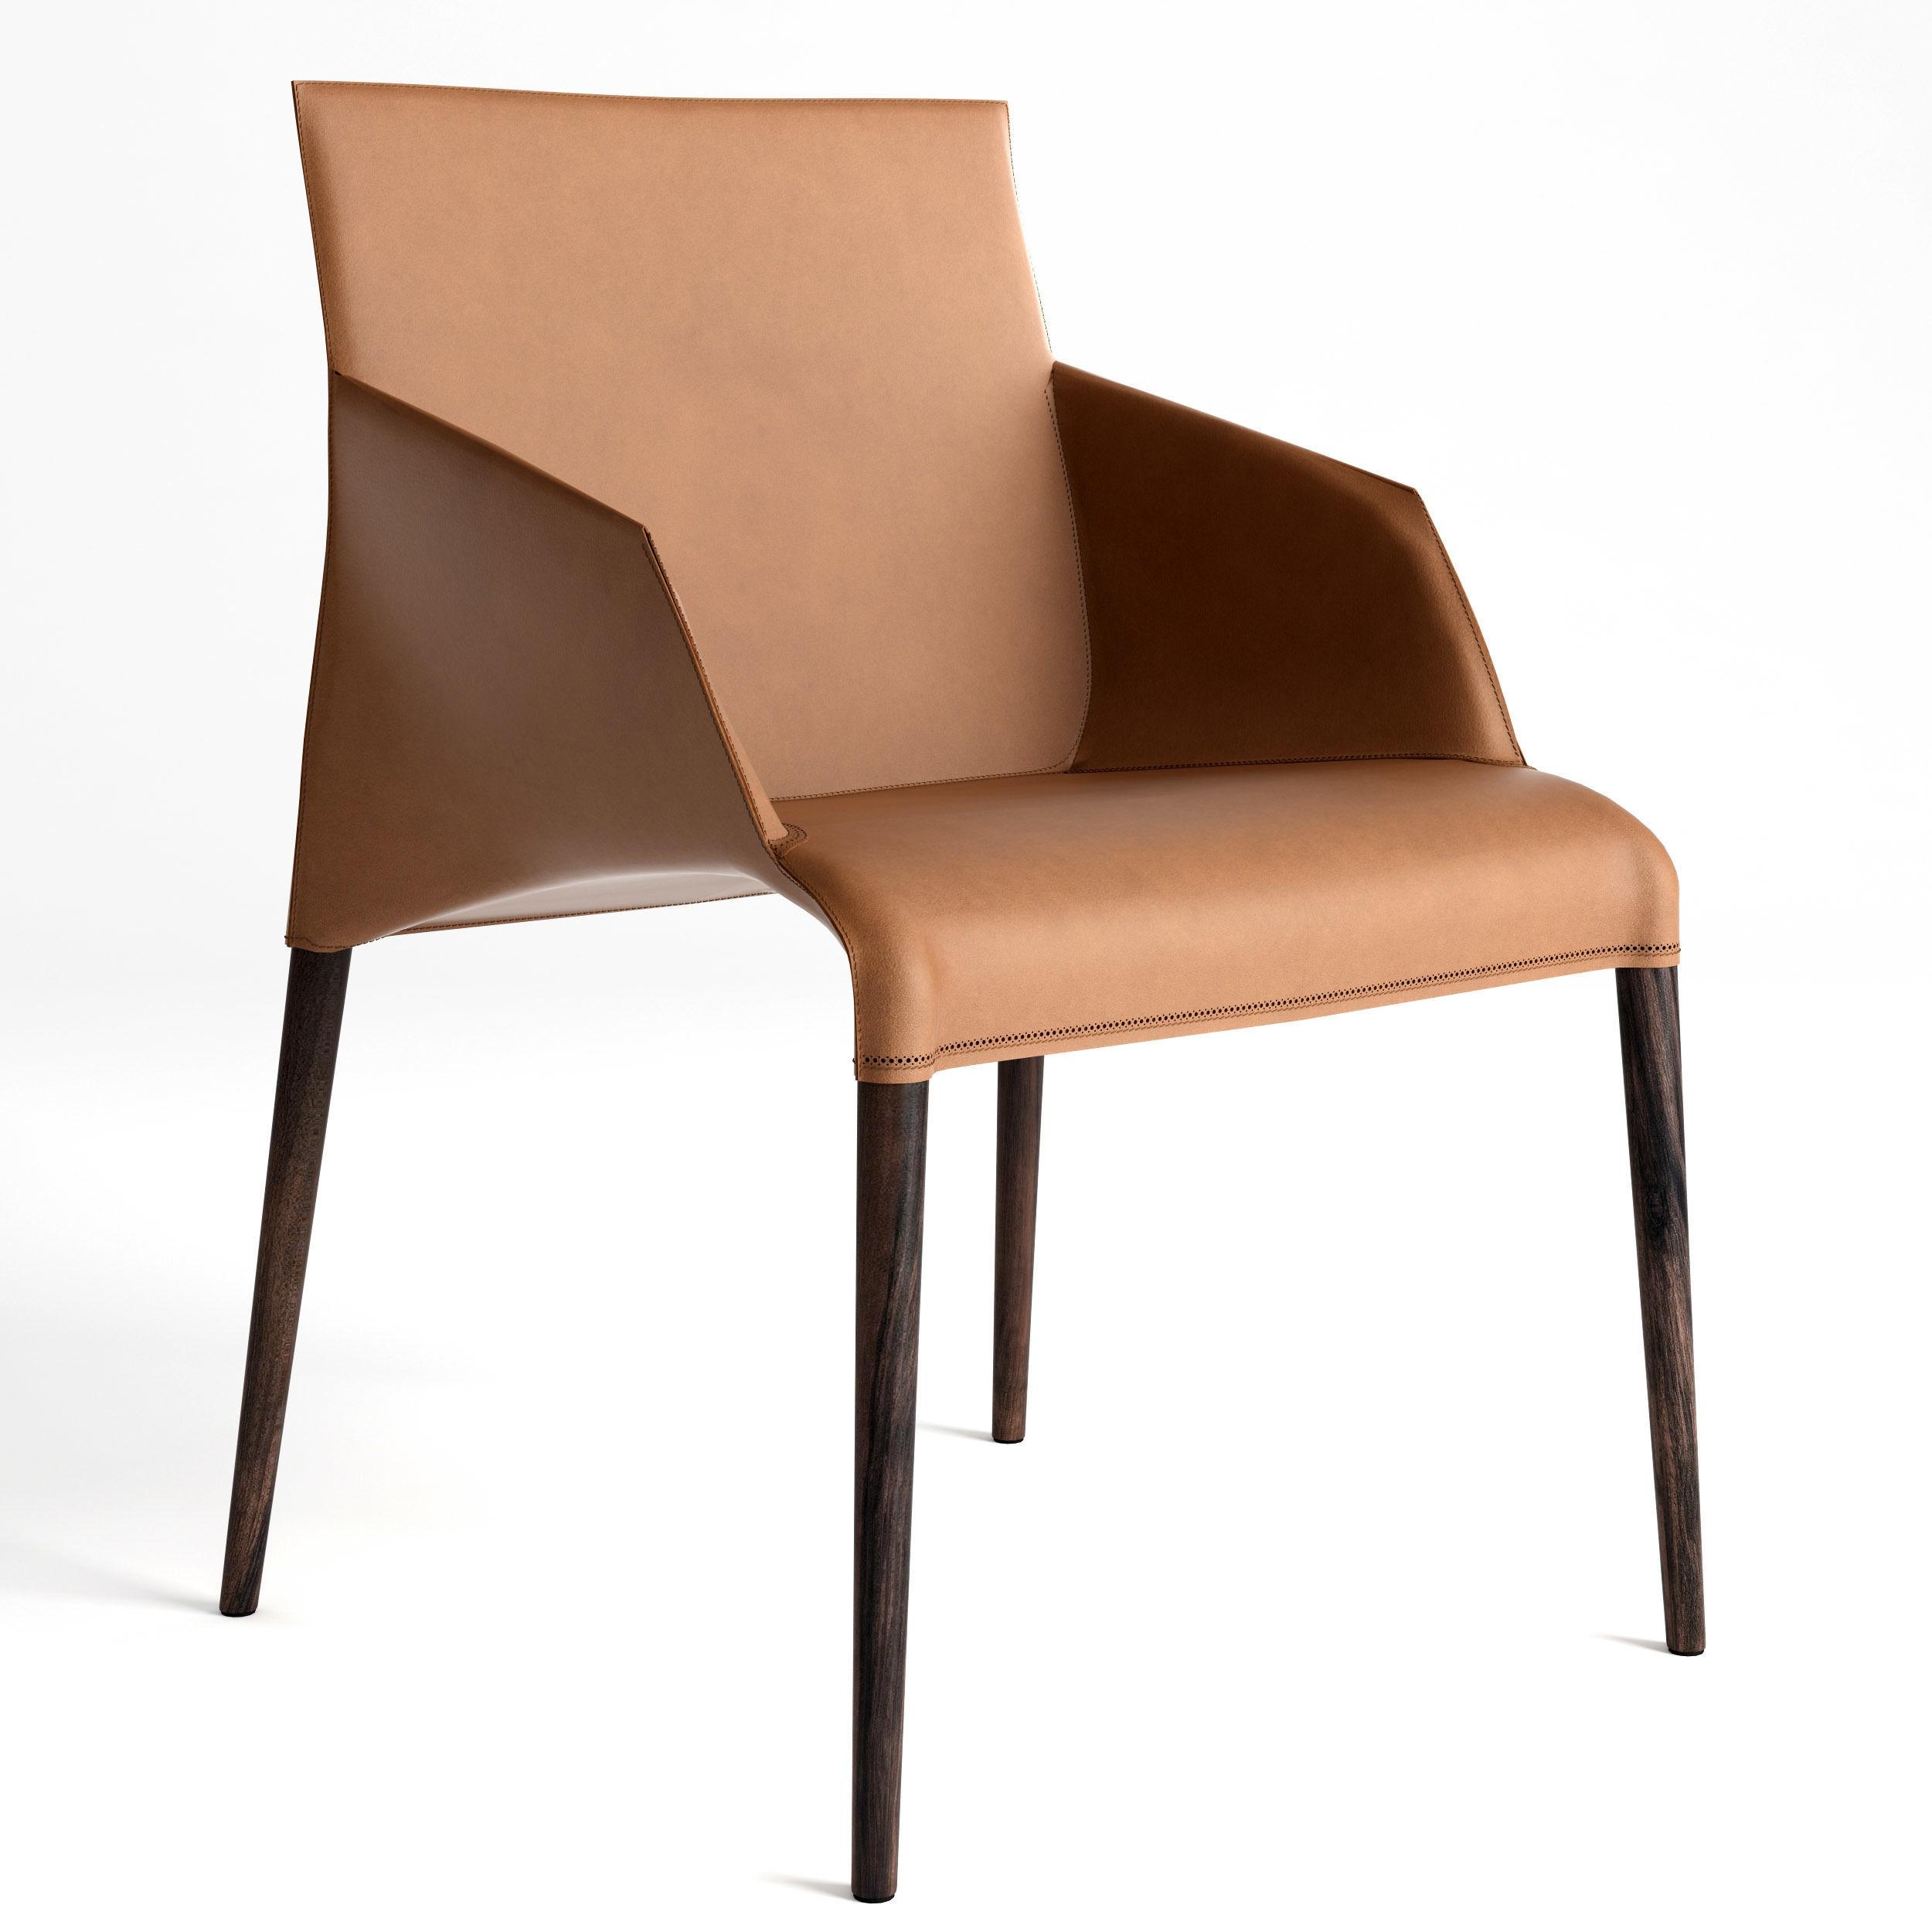 SEATTLE chair Poliform